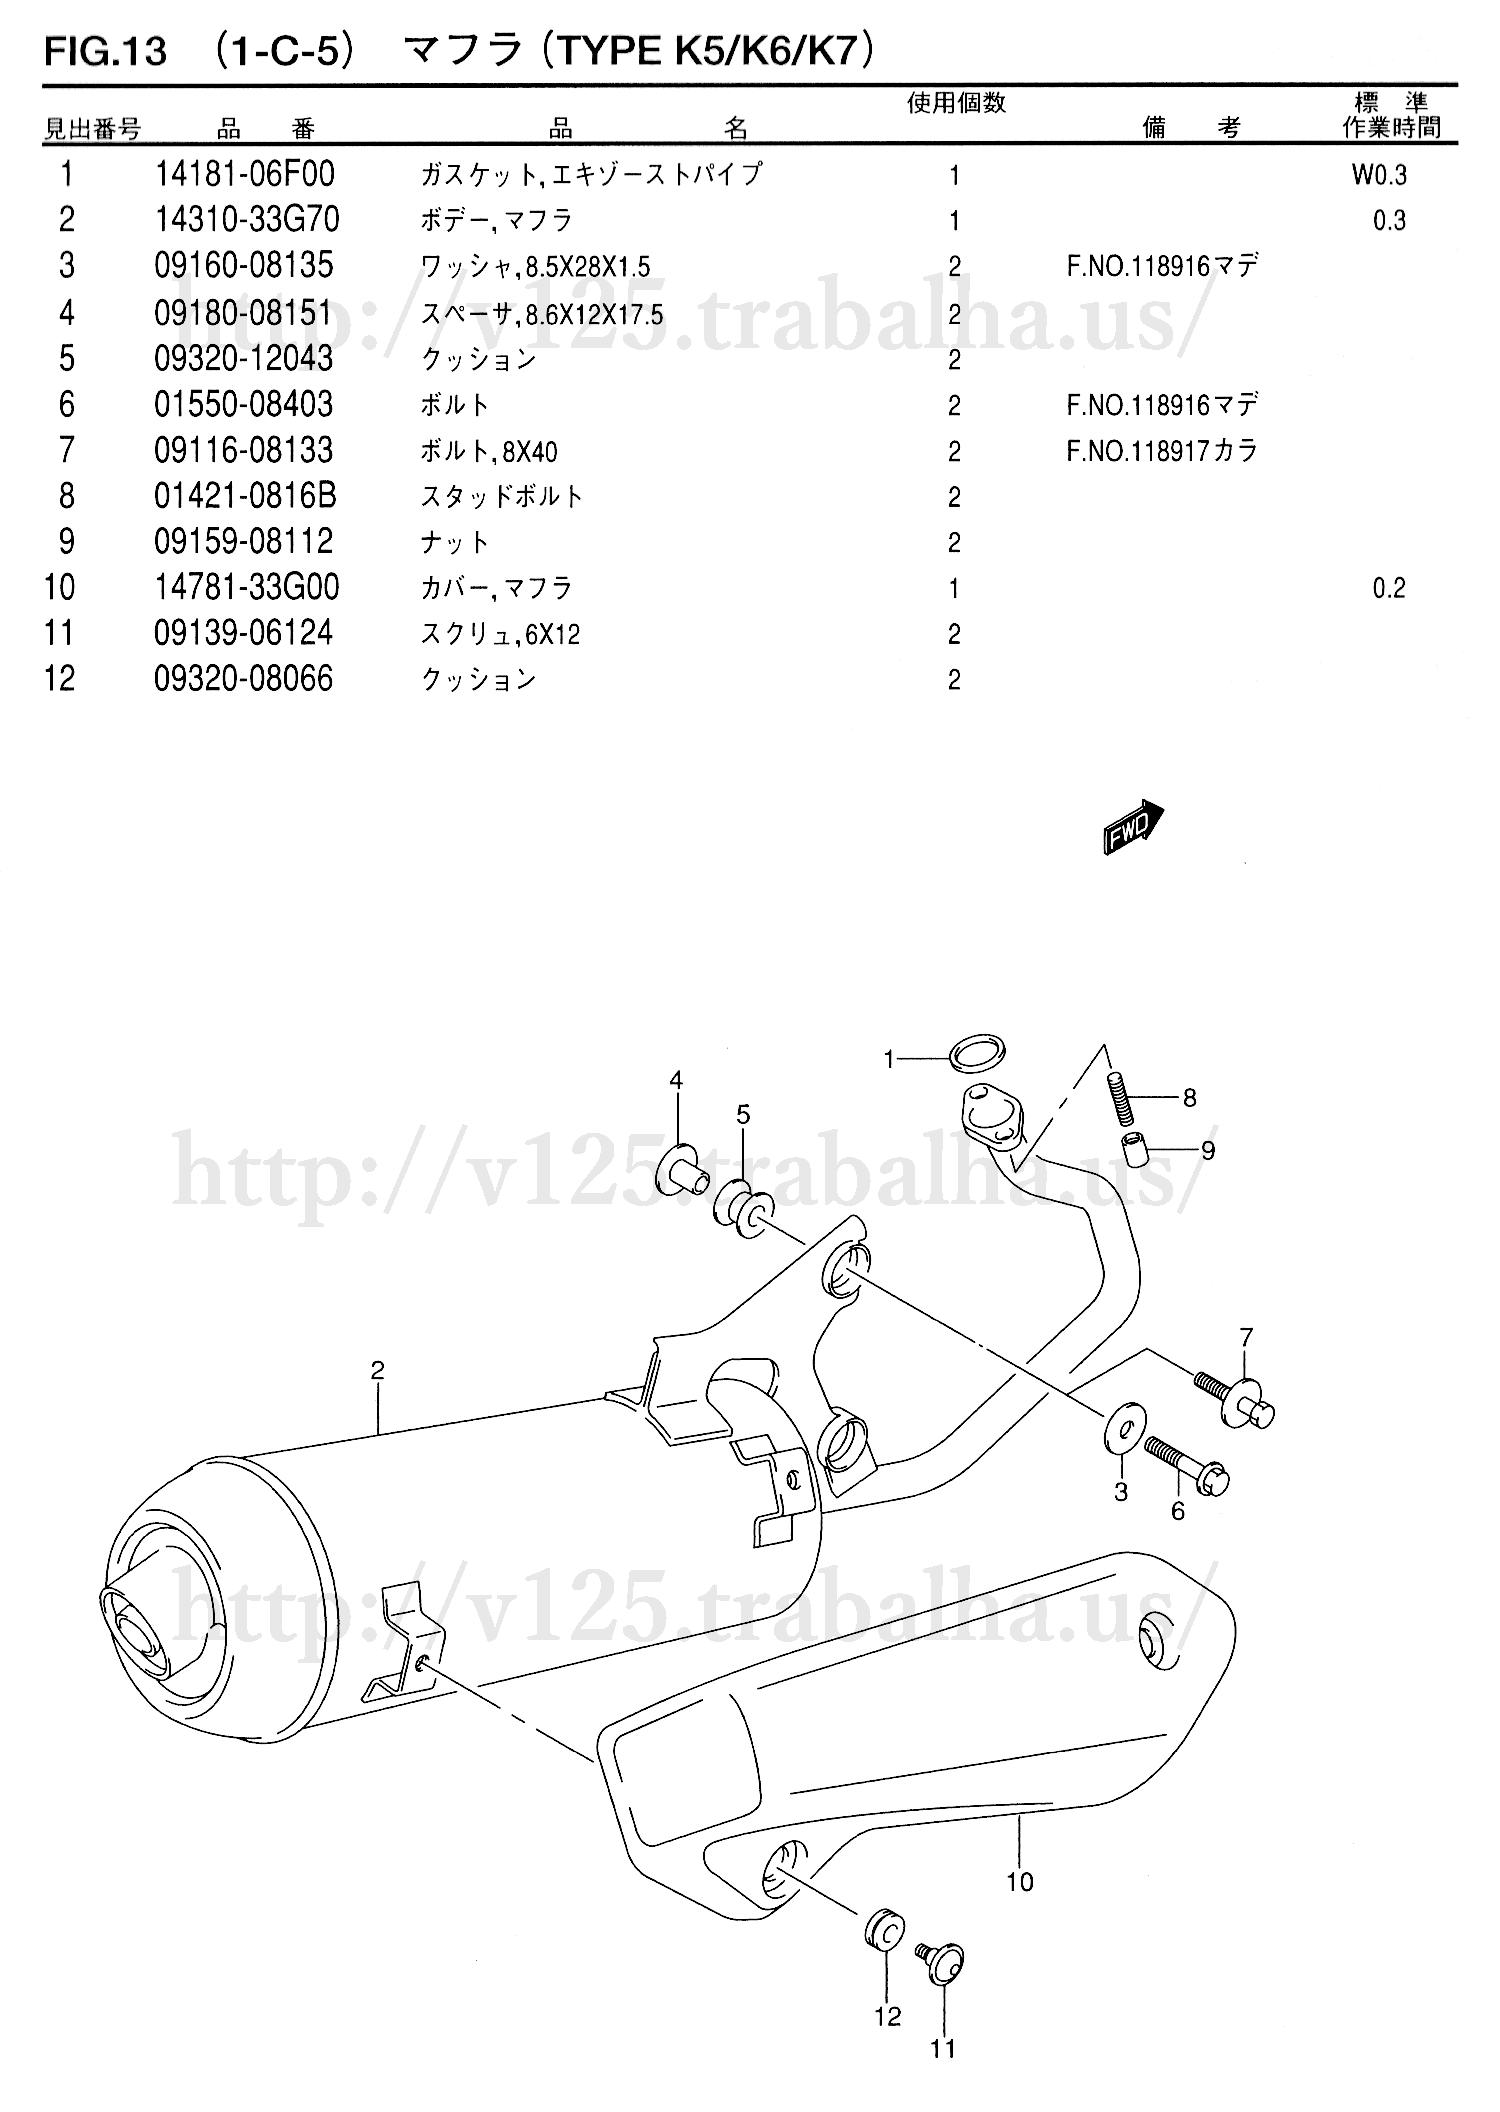 FIG.13(1-C-5)マフラ(TYPE K5/K6/K7)